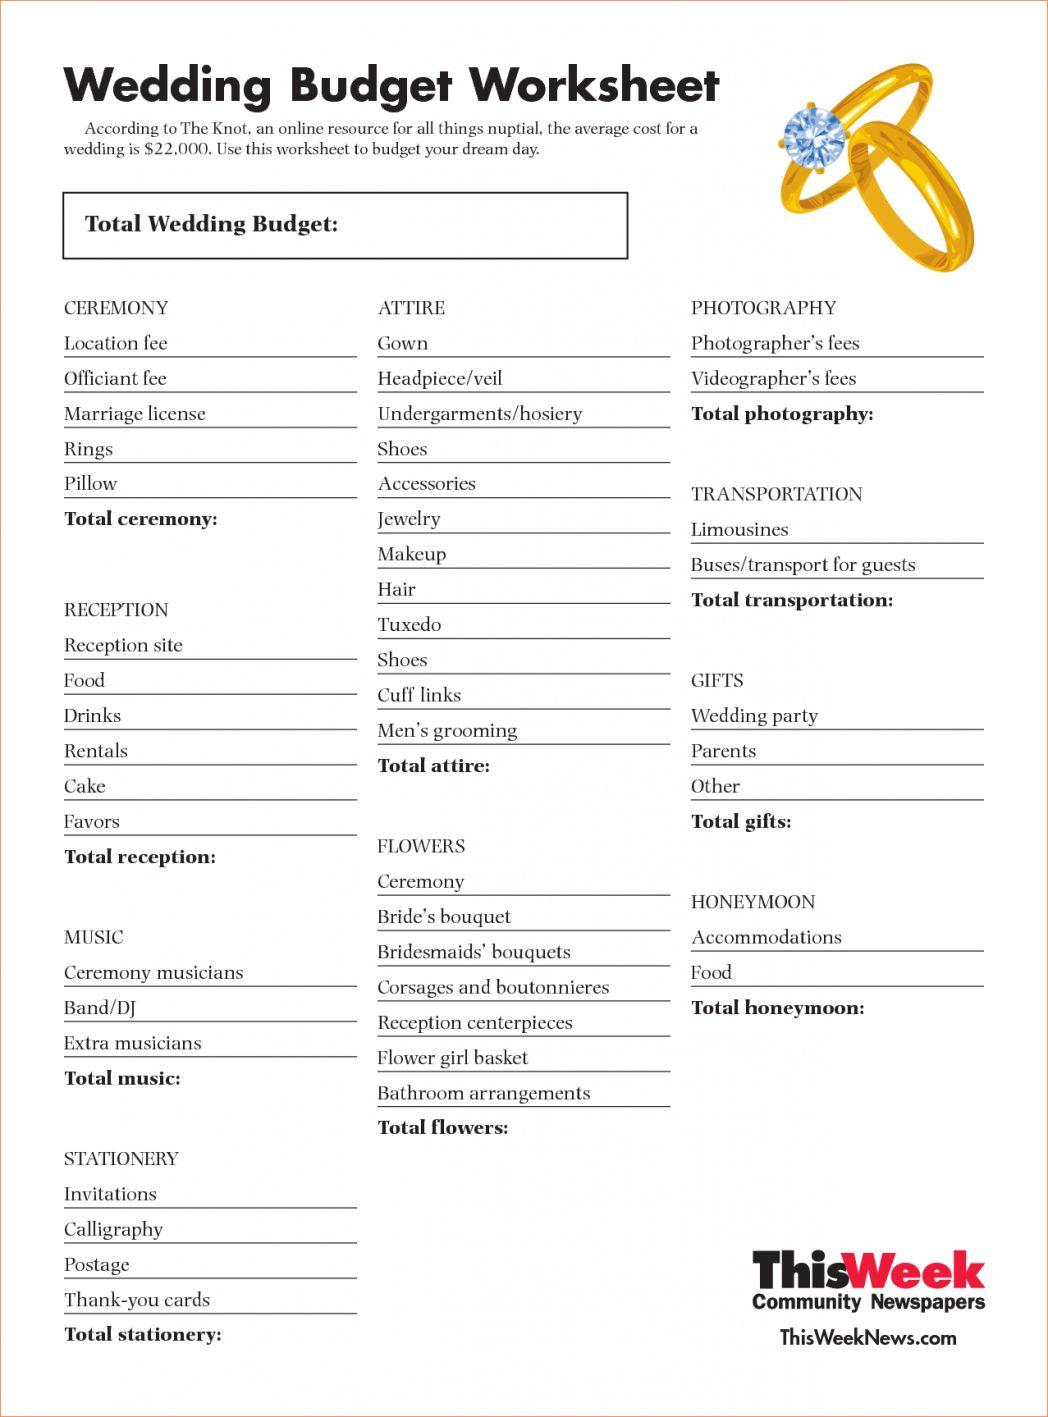 Wedding Budget Planner 25000 In 2020 Wedding Budget Spreadsheet Wedding Budget Planner Wedding Budget Percentage